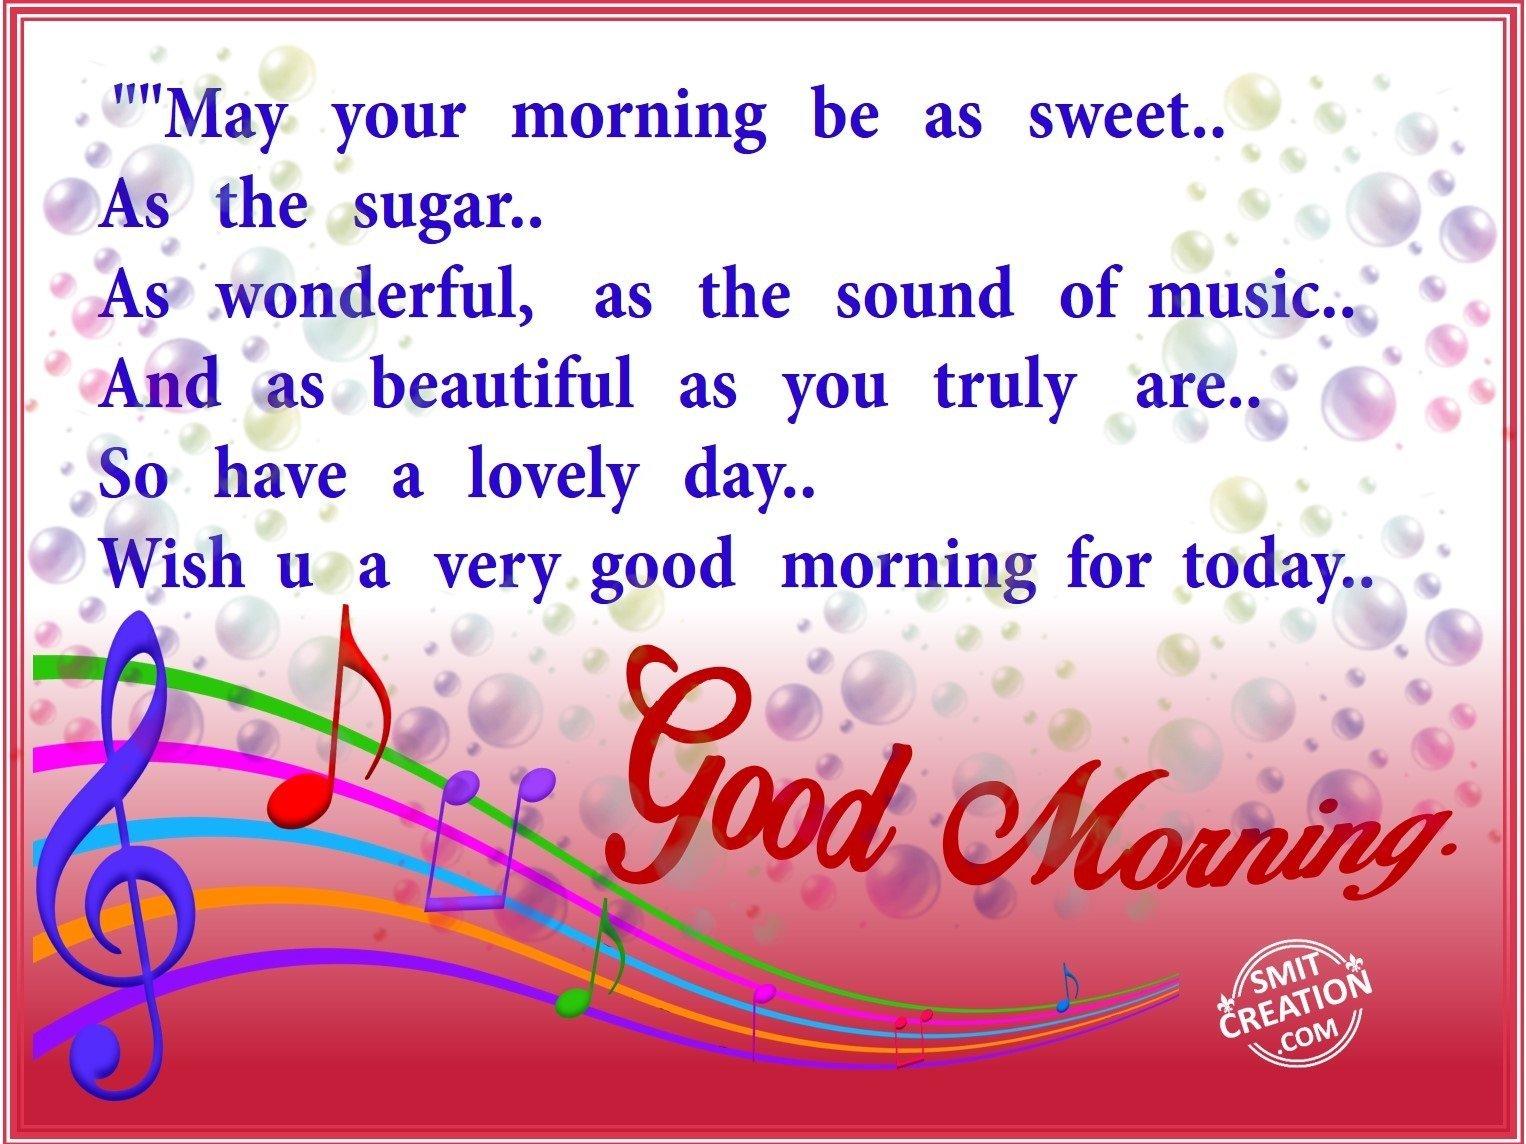 Good Morning Smitcreationcom